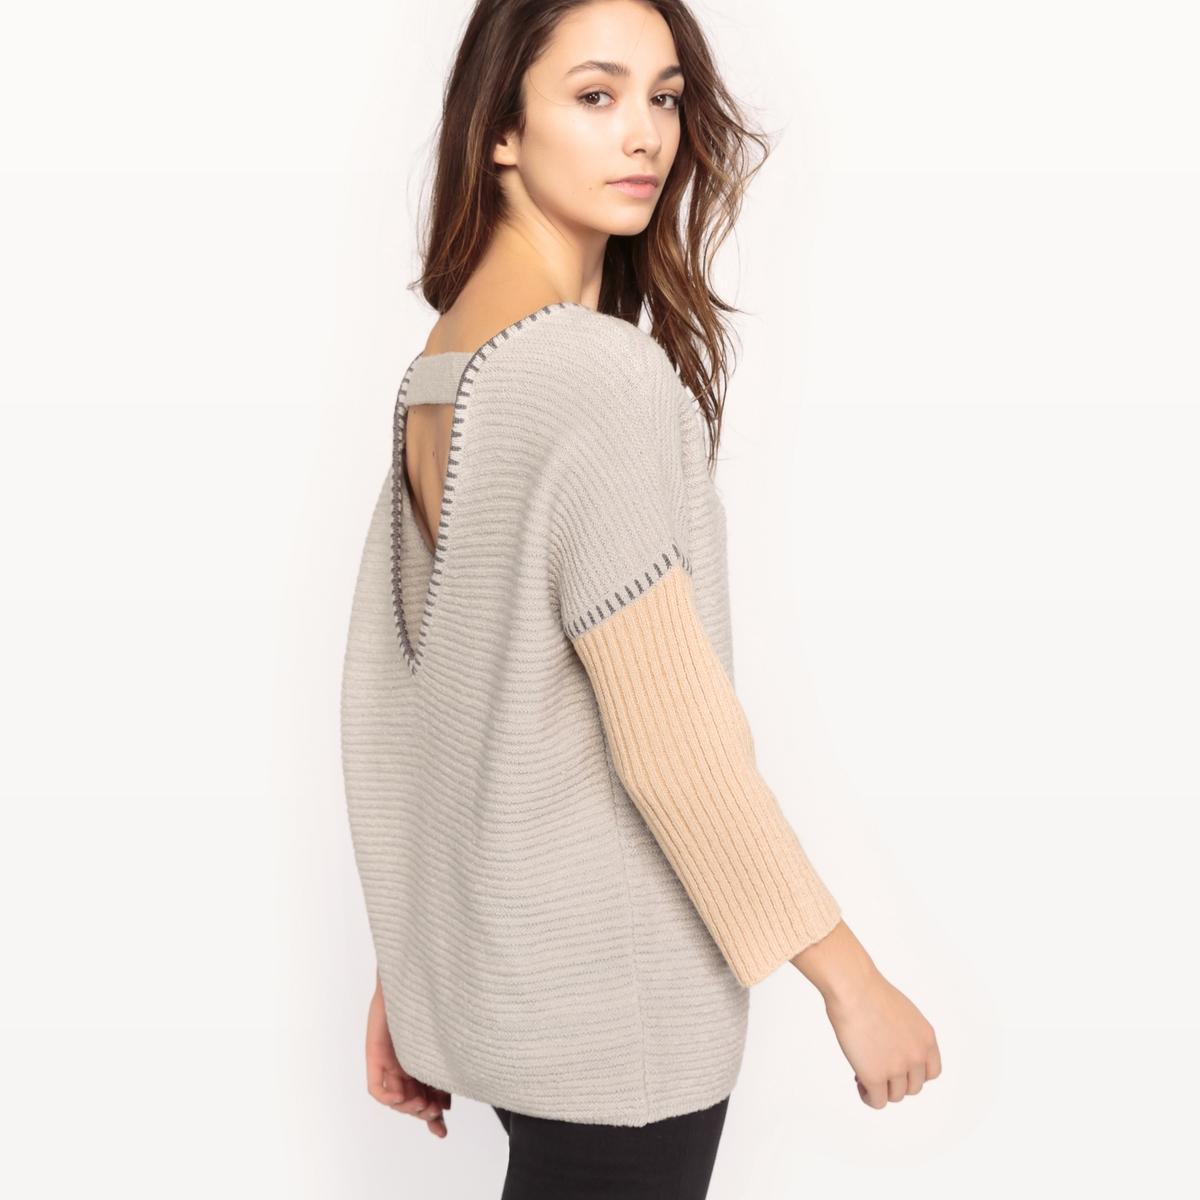 Пуловер двухцветныйМатериал: 7% шерсти, 39% акрила, 37% хлопка, 3% эластана.Длина рукава: длинные рукава.Форма воротника: круглый вырез.Покрой пуловера: стандартный.Рисунок: однотонная модель.  Особенность пуловера: глубокий вырез сзади.<br><br>Цвет: серый/бежевый<br>Размер: L.M